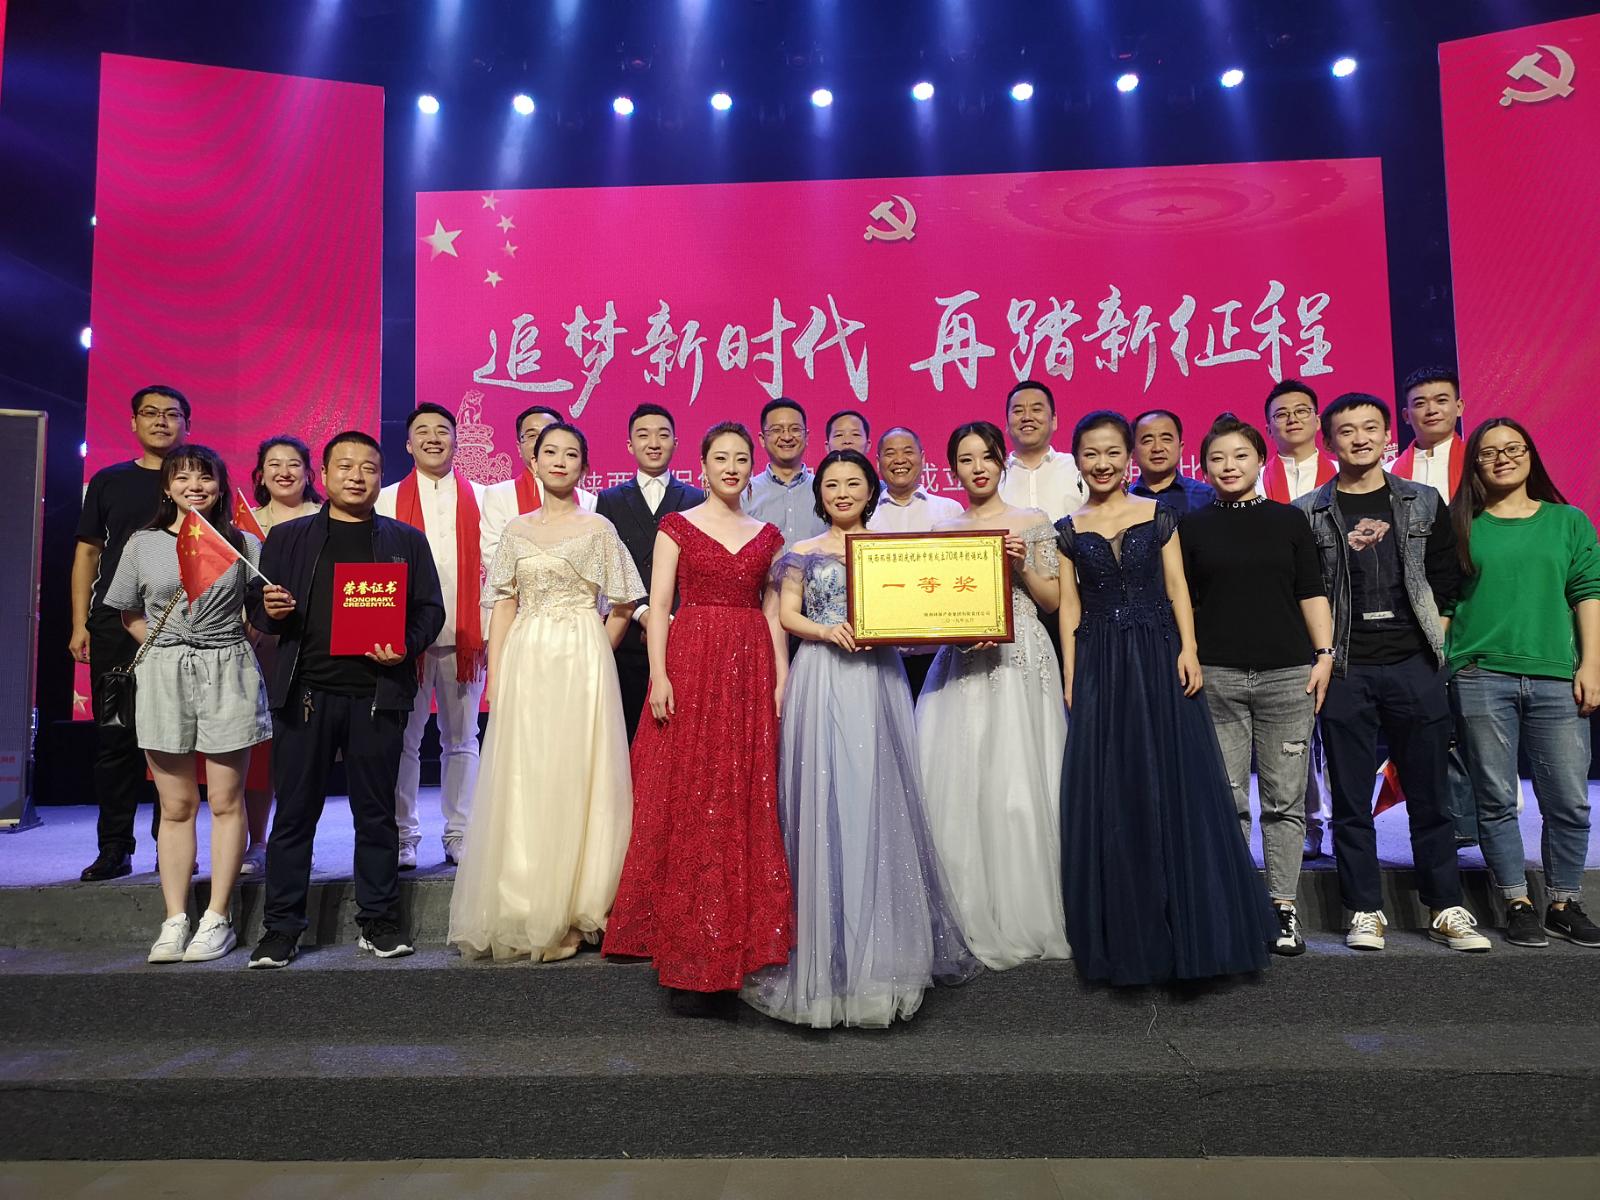 水bwin下载地址代表队荣获陕西环保集团庆祝新中国成立70周年朗诵比赛一等奖